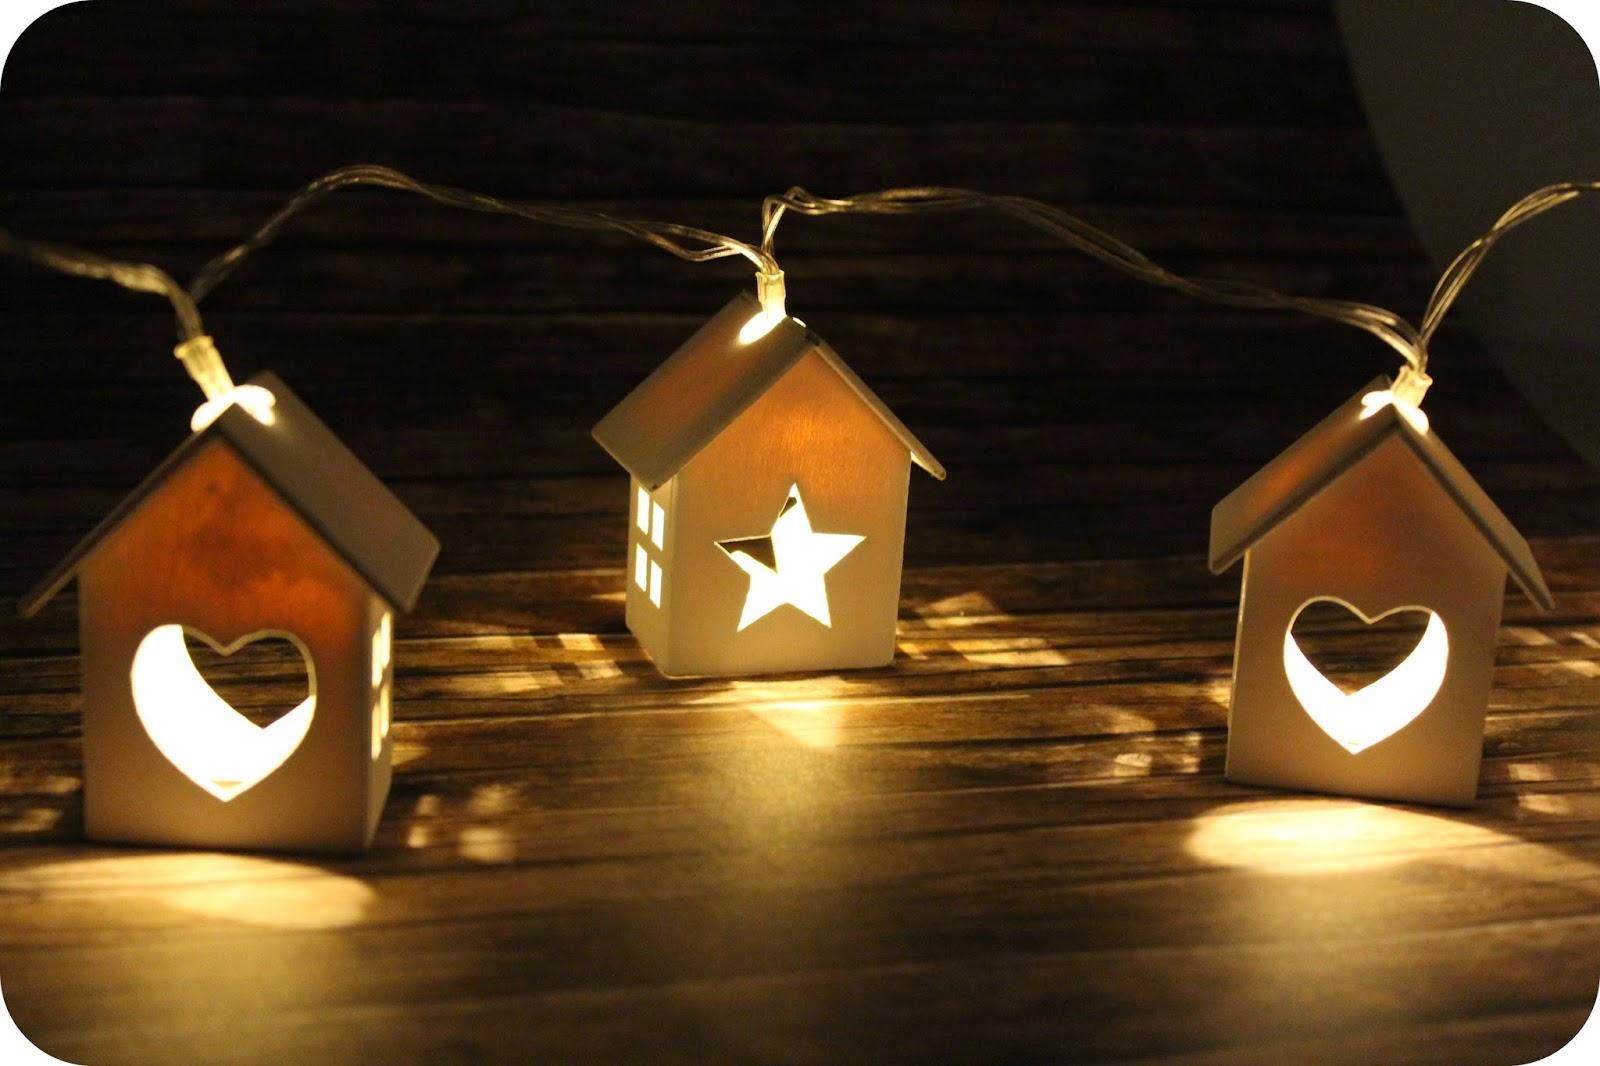 LED-Lichterkette von Primark mit Häusern